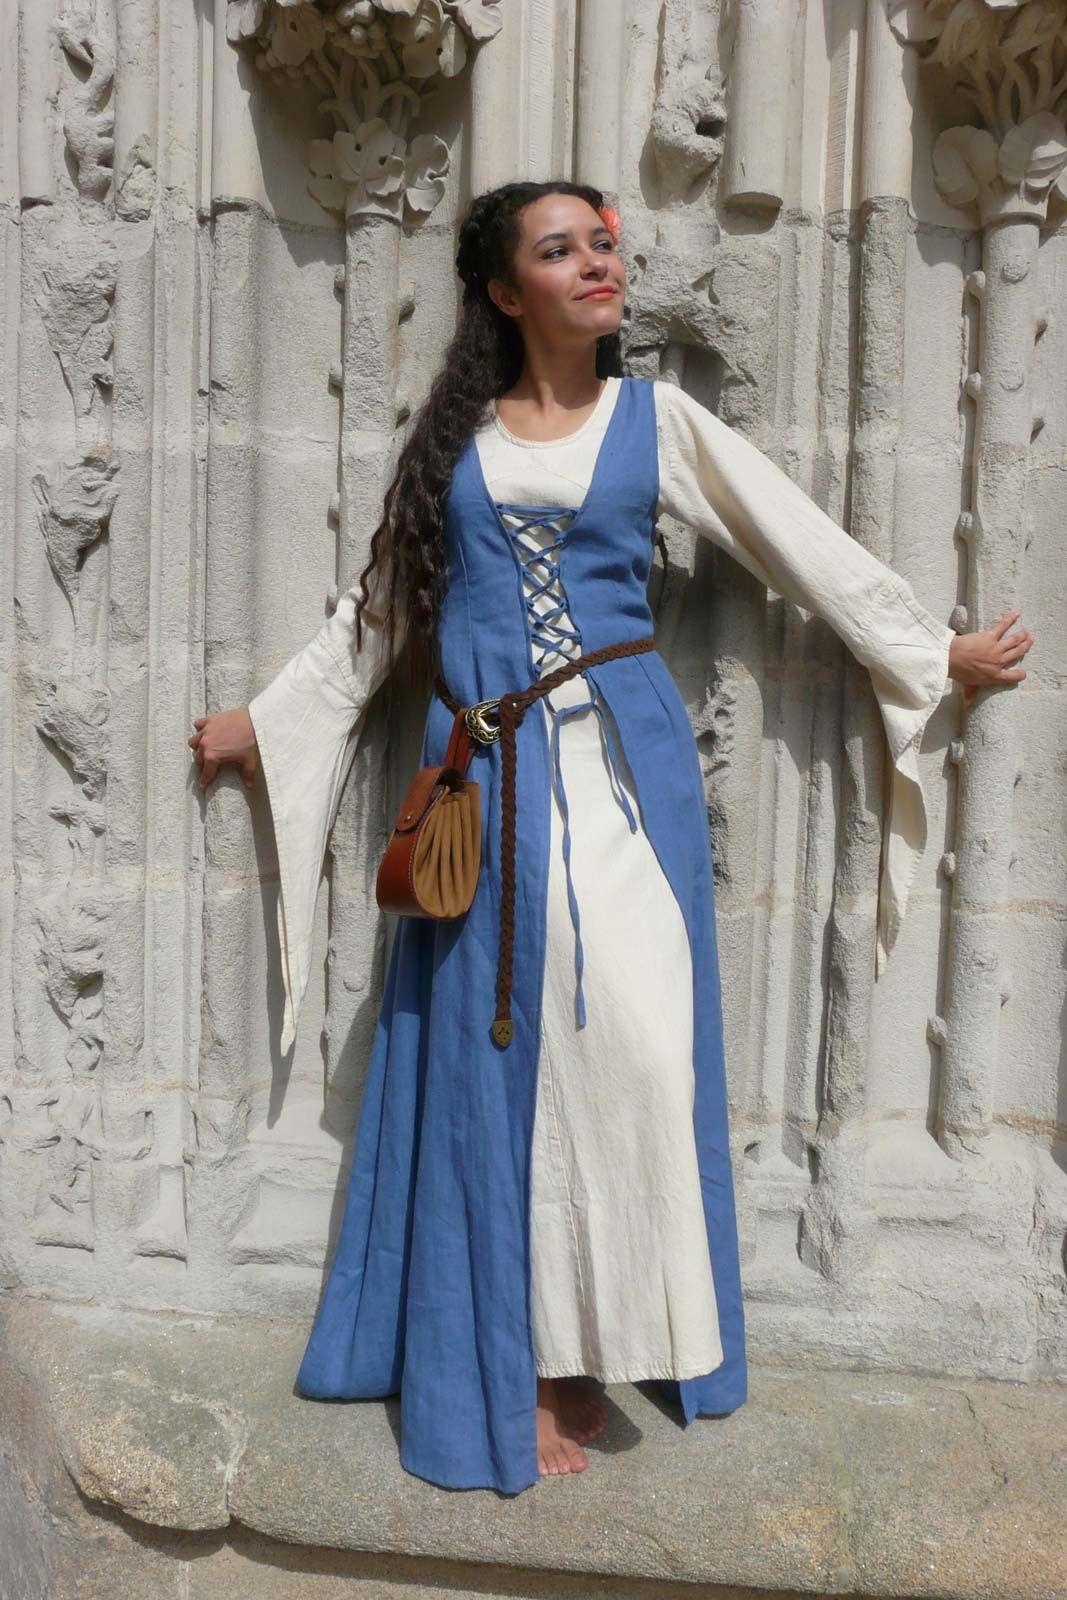 Irin Medieval Vêtement Robe Médiéval Moyen De Dessous Age Ropa wrXHw8